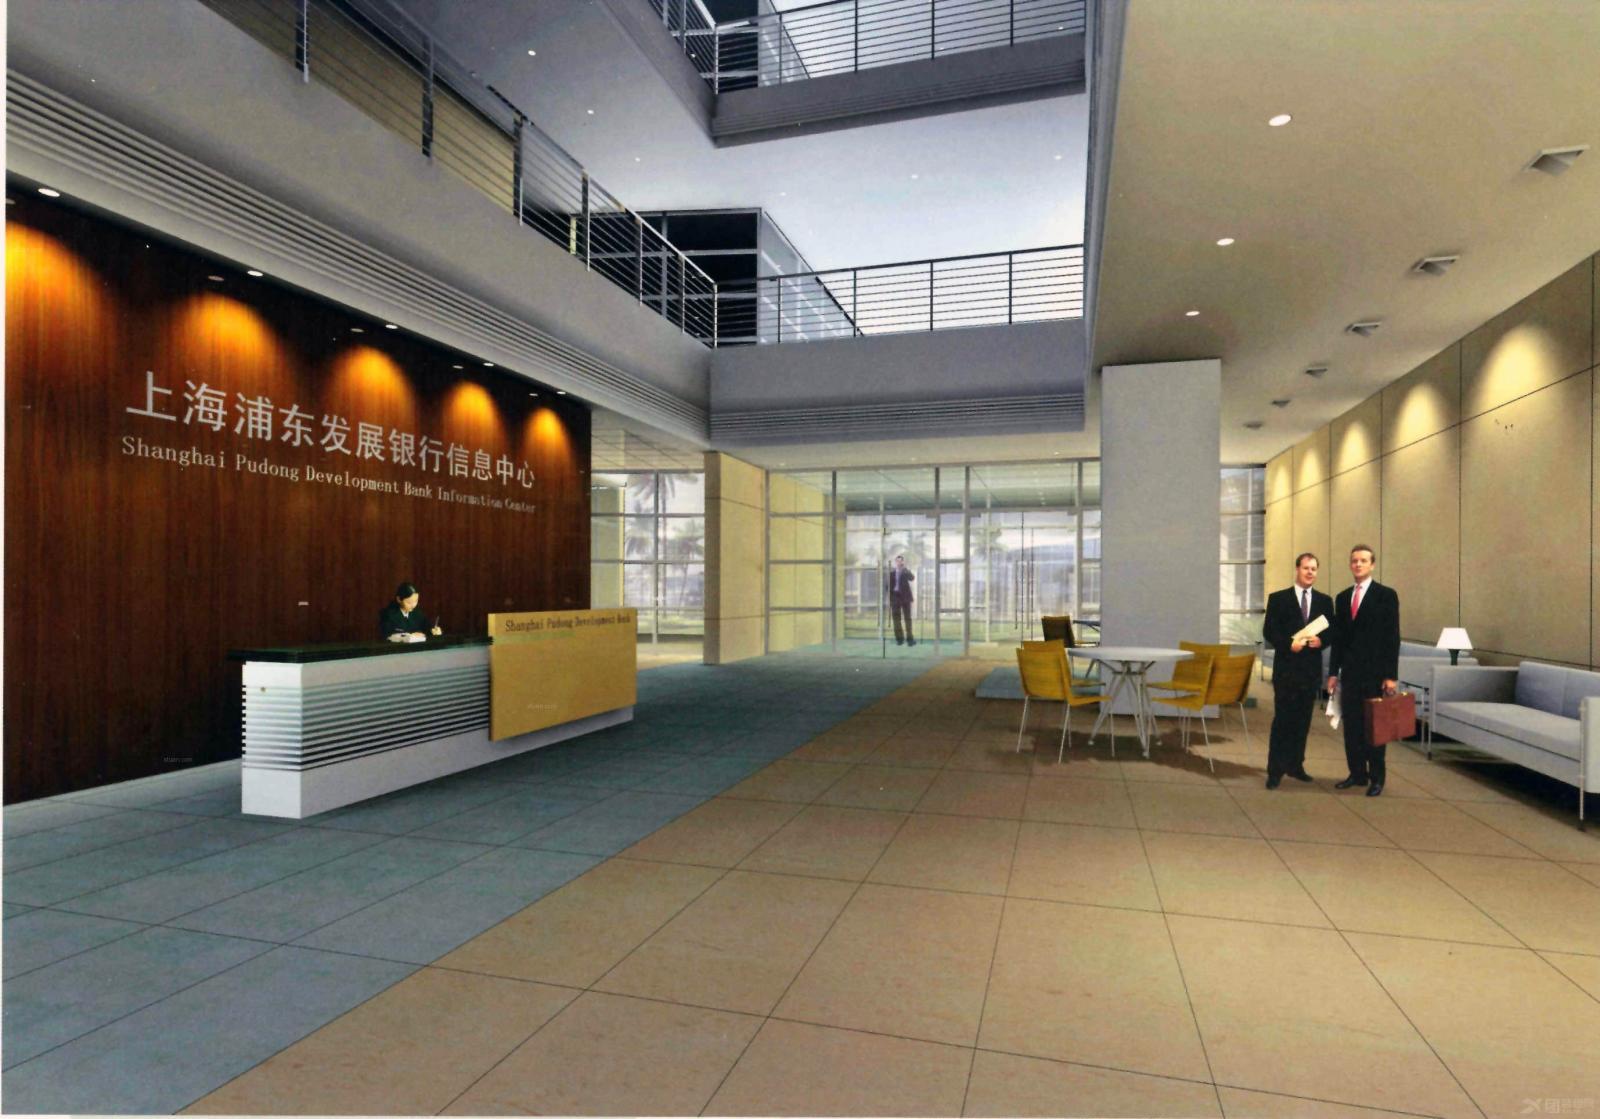 上海浦发发展银行设计